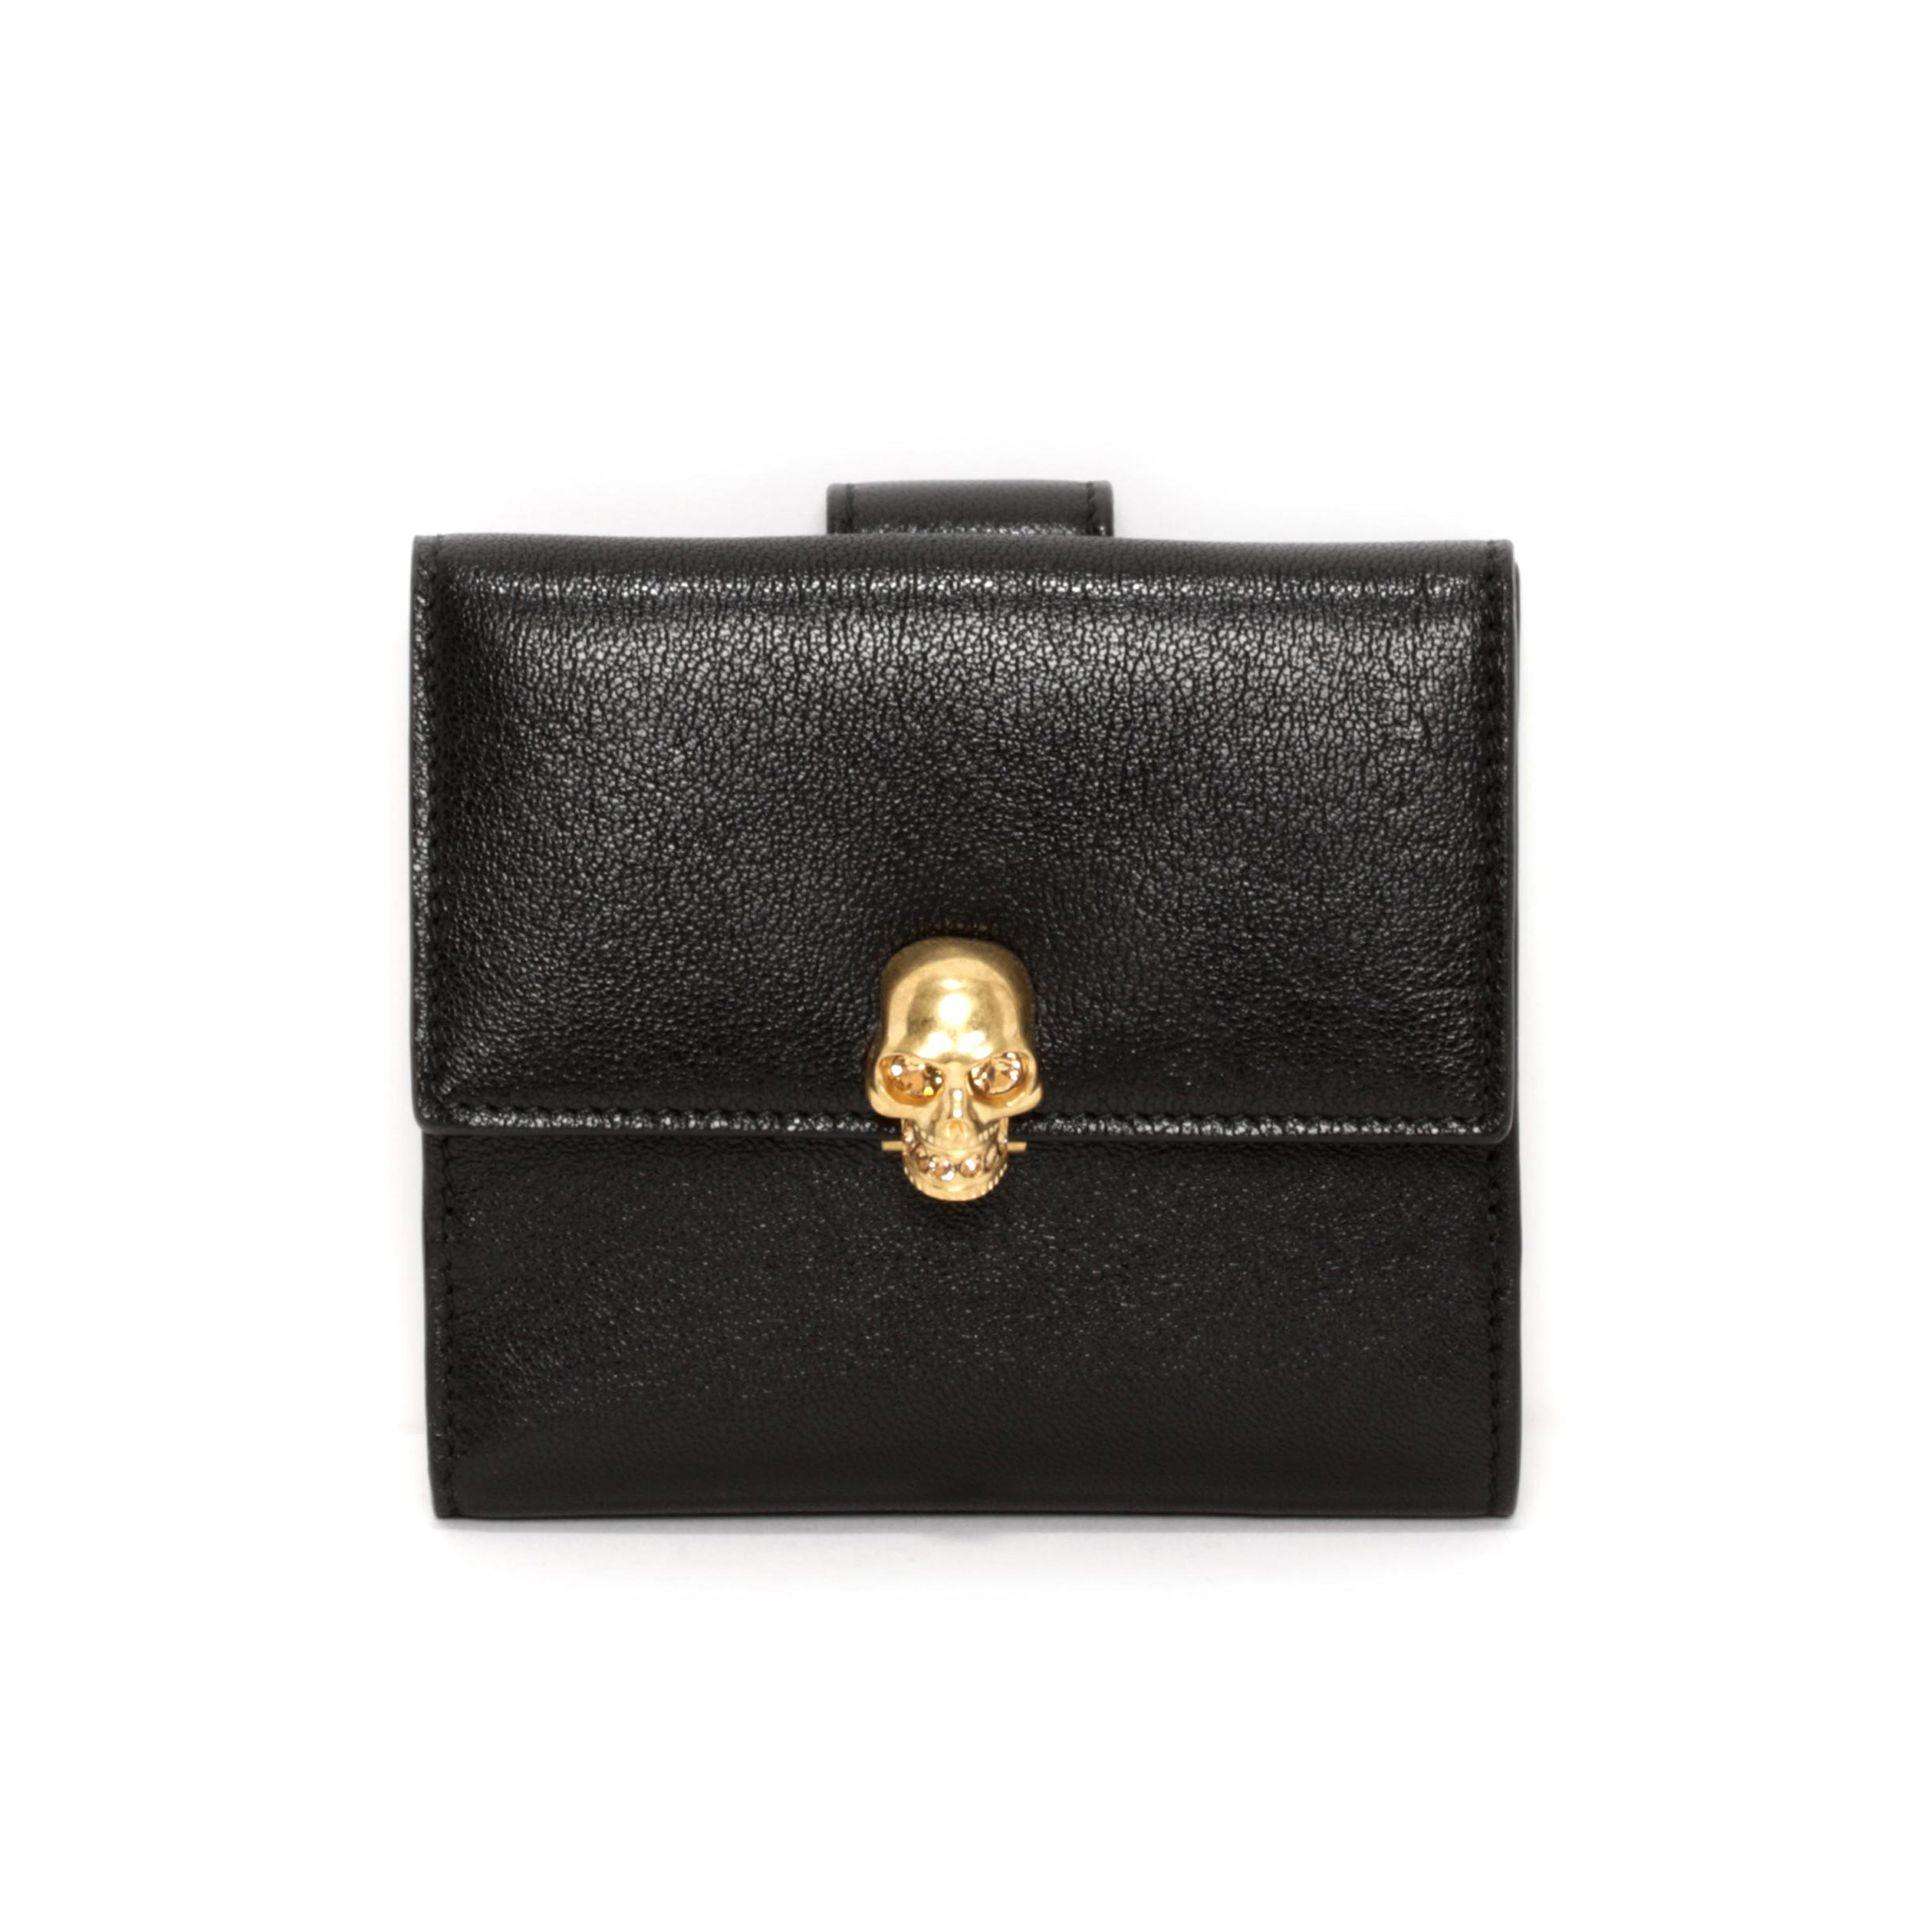 skull wallet - Black Alexander McQueen b5QQiVWkr